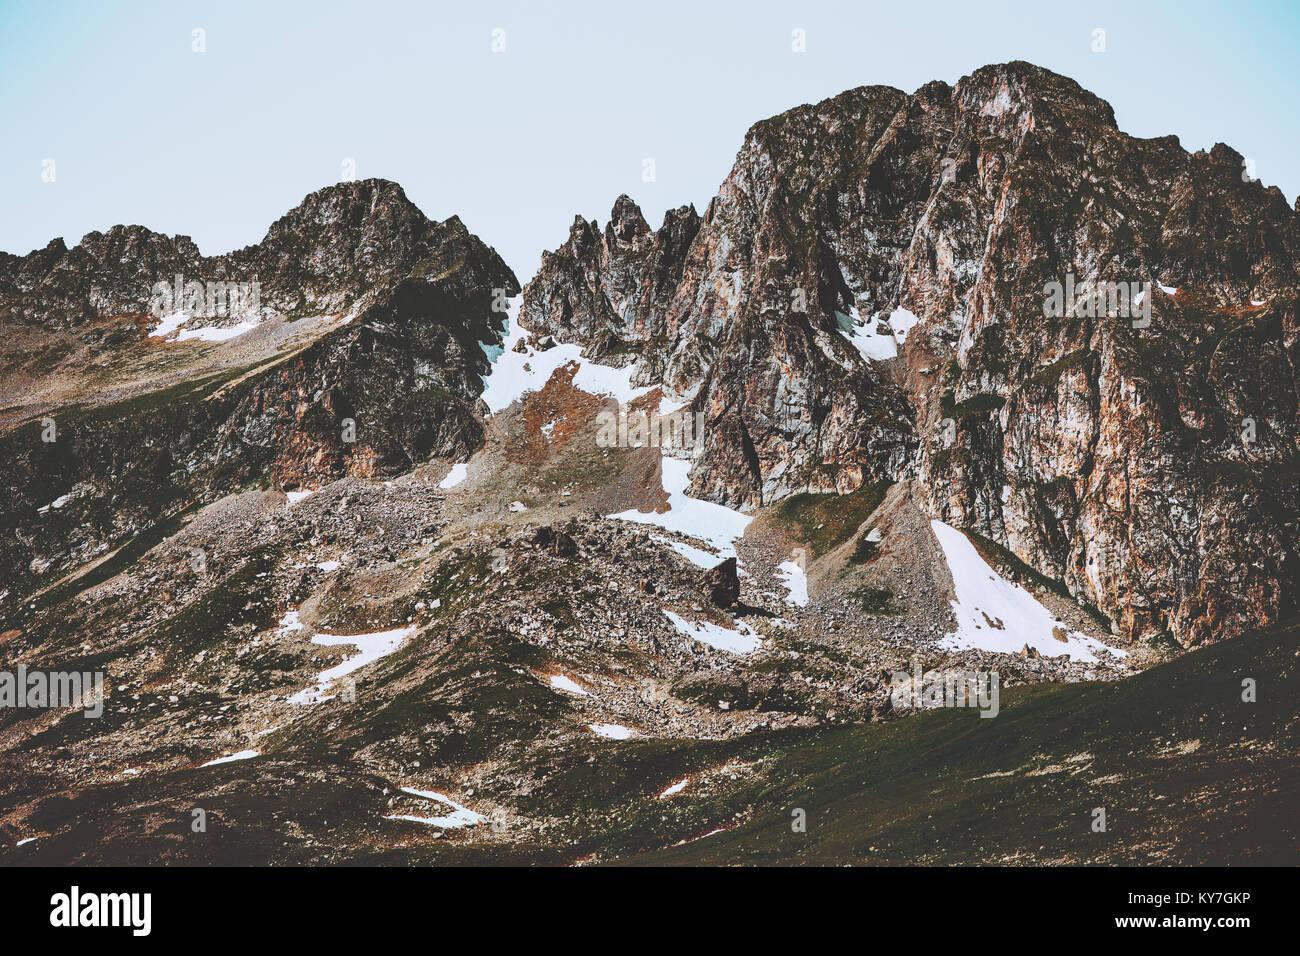 Paisaje de las Montañas Rocosas de viajes de verano naturaleza agreste paisaje Imagen De Stock